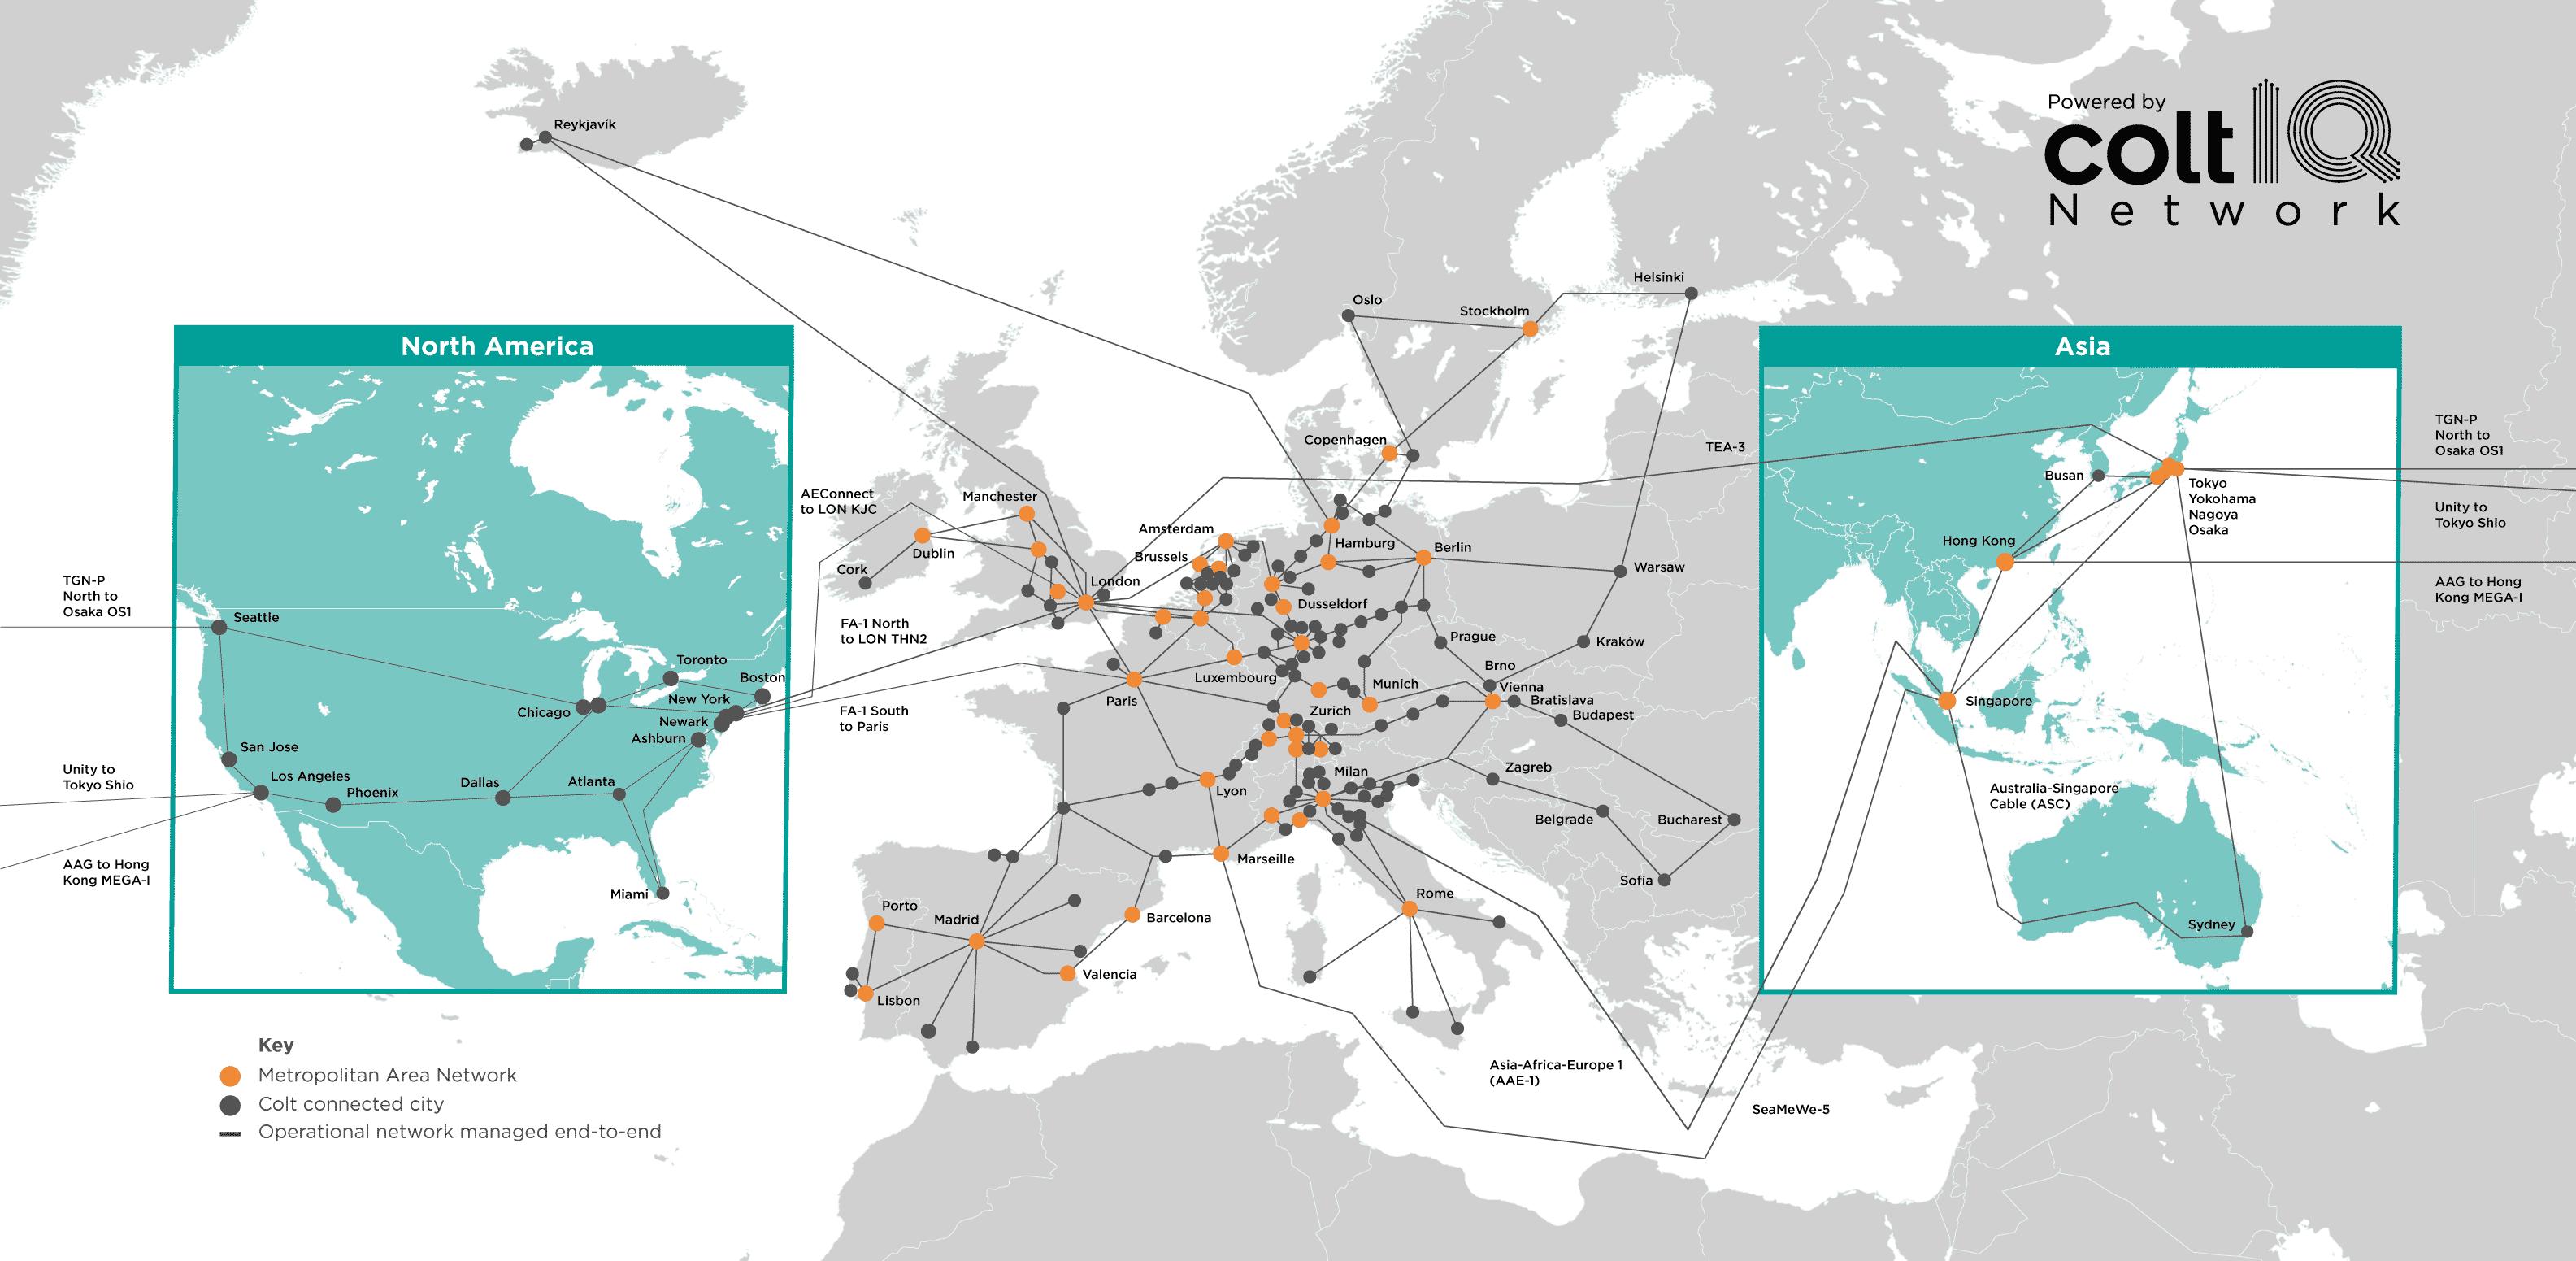 Colt-net-Map-1018-1